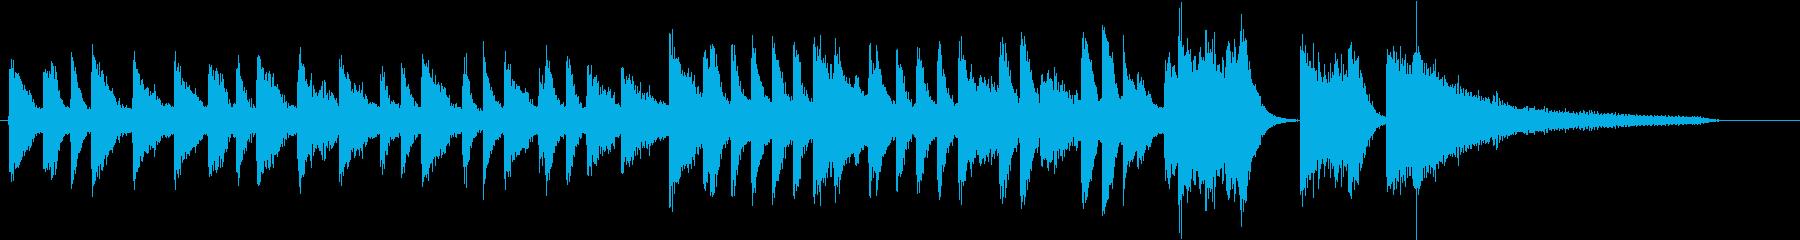 童謡・雪モチーフの冬のピアノジングルBの再生済みの波形